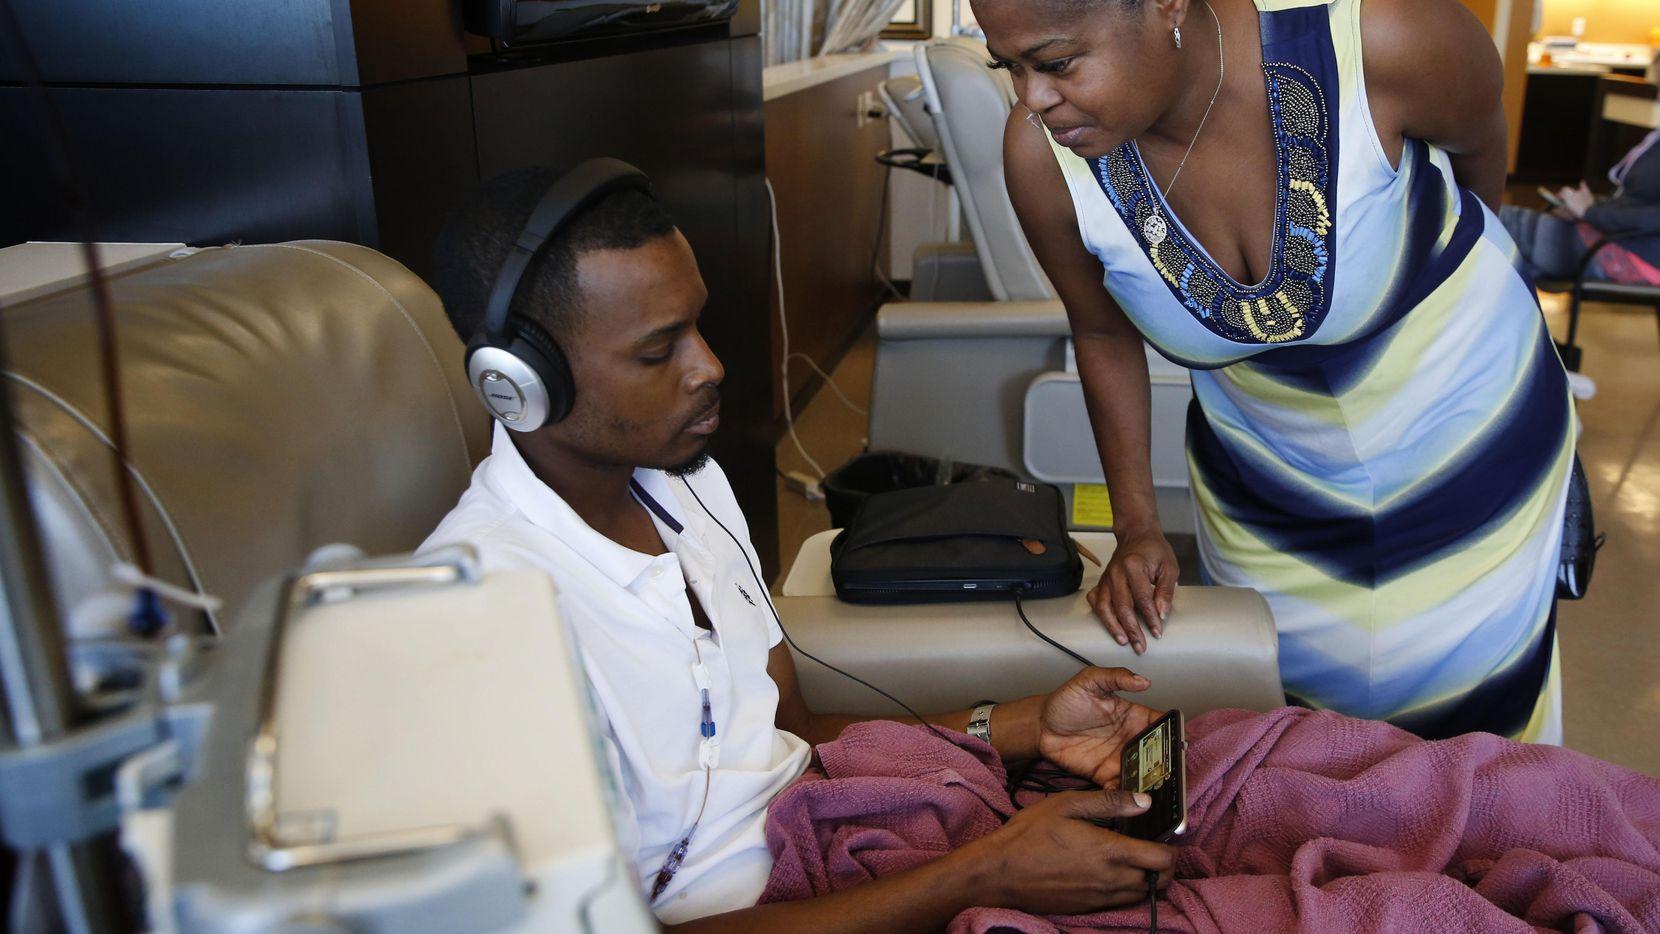 Sherita Lindsey junto a su hijo Robert Sasser, quien recibe quimoterapia por cáncer gástrico. El esposo de Lindsey, Johnnie murió también de cáncer y recibía una indemnización luego de pasar años cumpliendo una pena por un crimen que no cometió. ROSE BACA/DMN